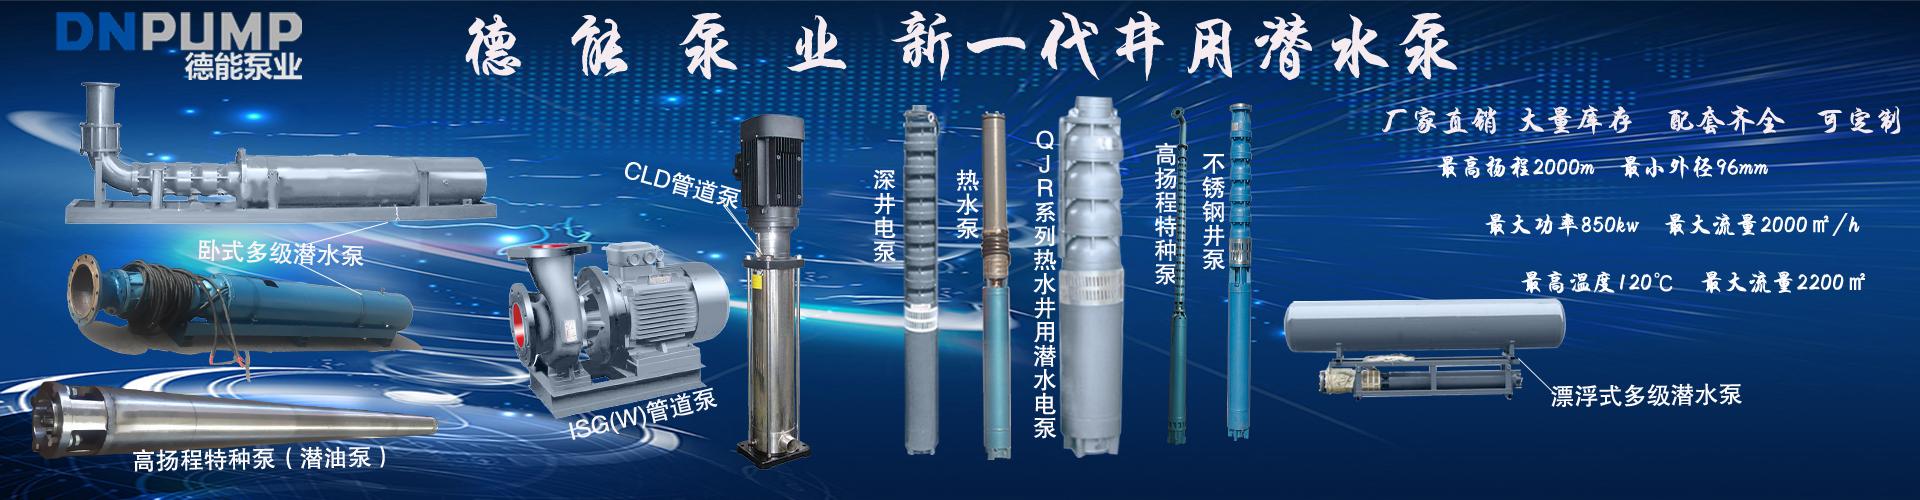 井用潜水泵合集广告图一1920x500.jpg